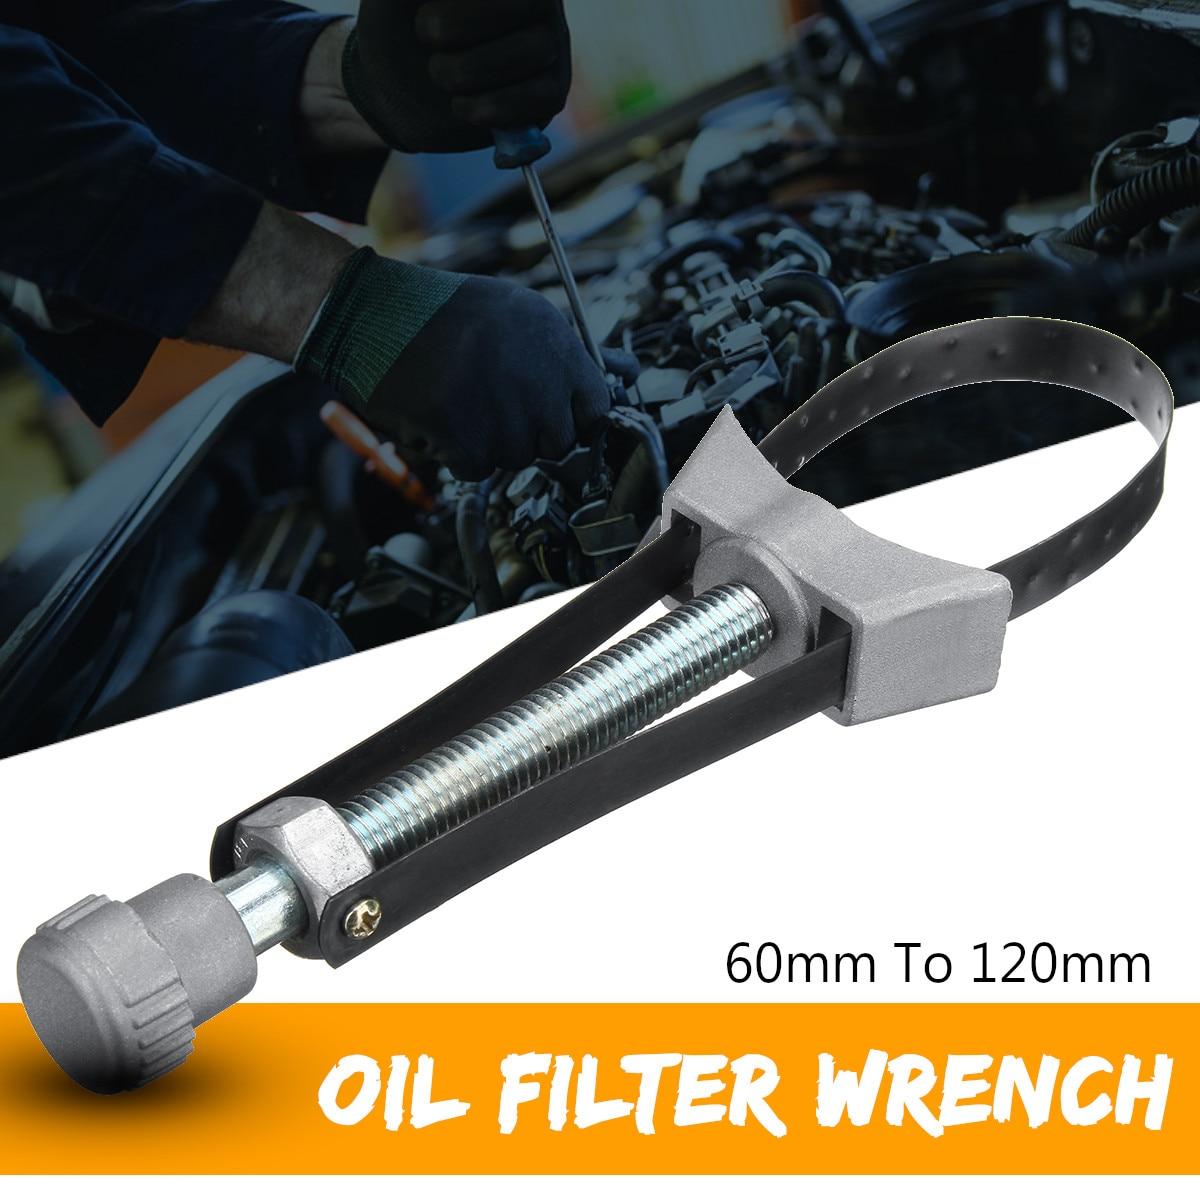 Drillpro 1 stück Auto Auto Öl Filter Entfernung Tool Strap Schlüssel Durchmesser Einstellbare 60mm Zu 120mm Top Qualität